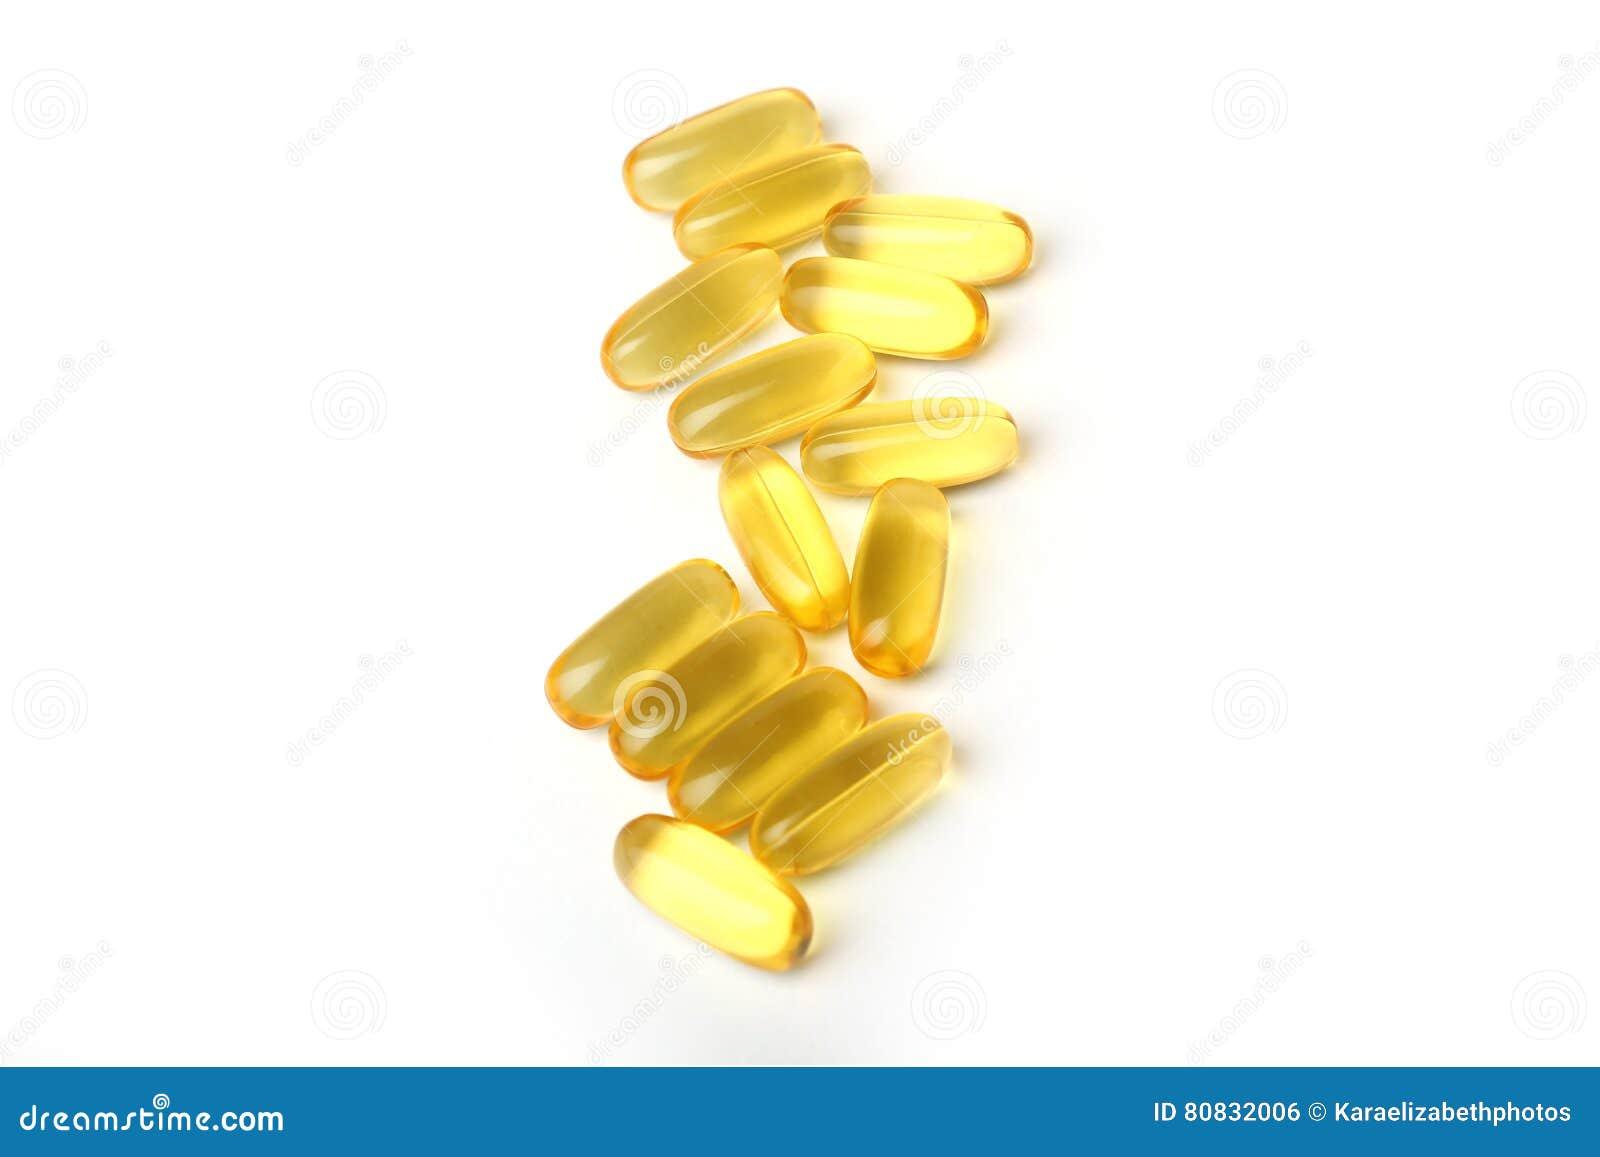 Таблетки масла печени трески на белой предпосылке